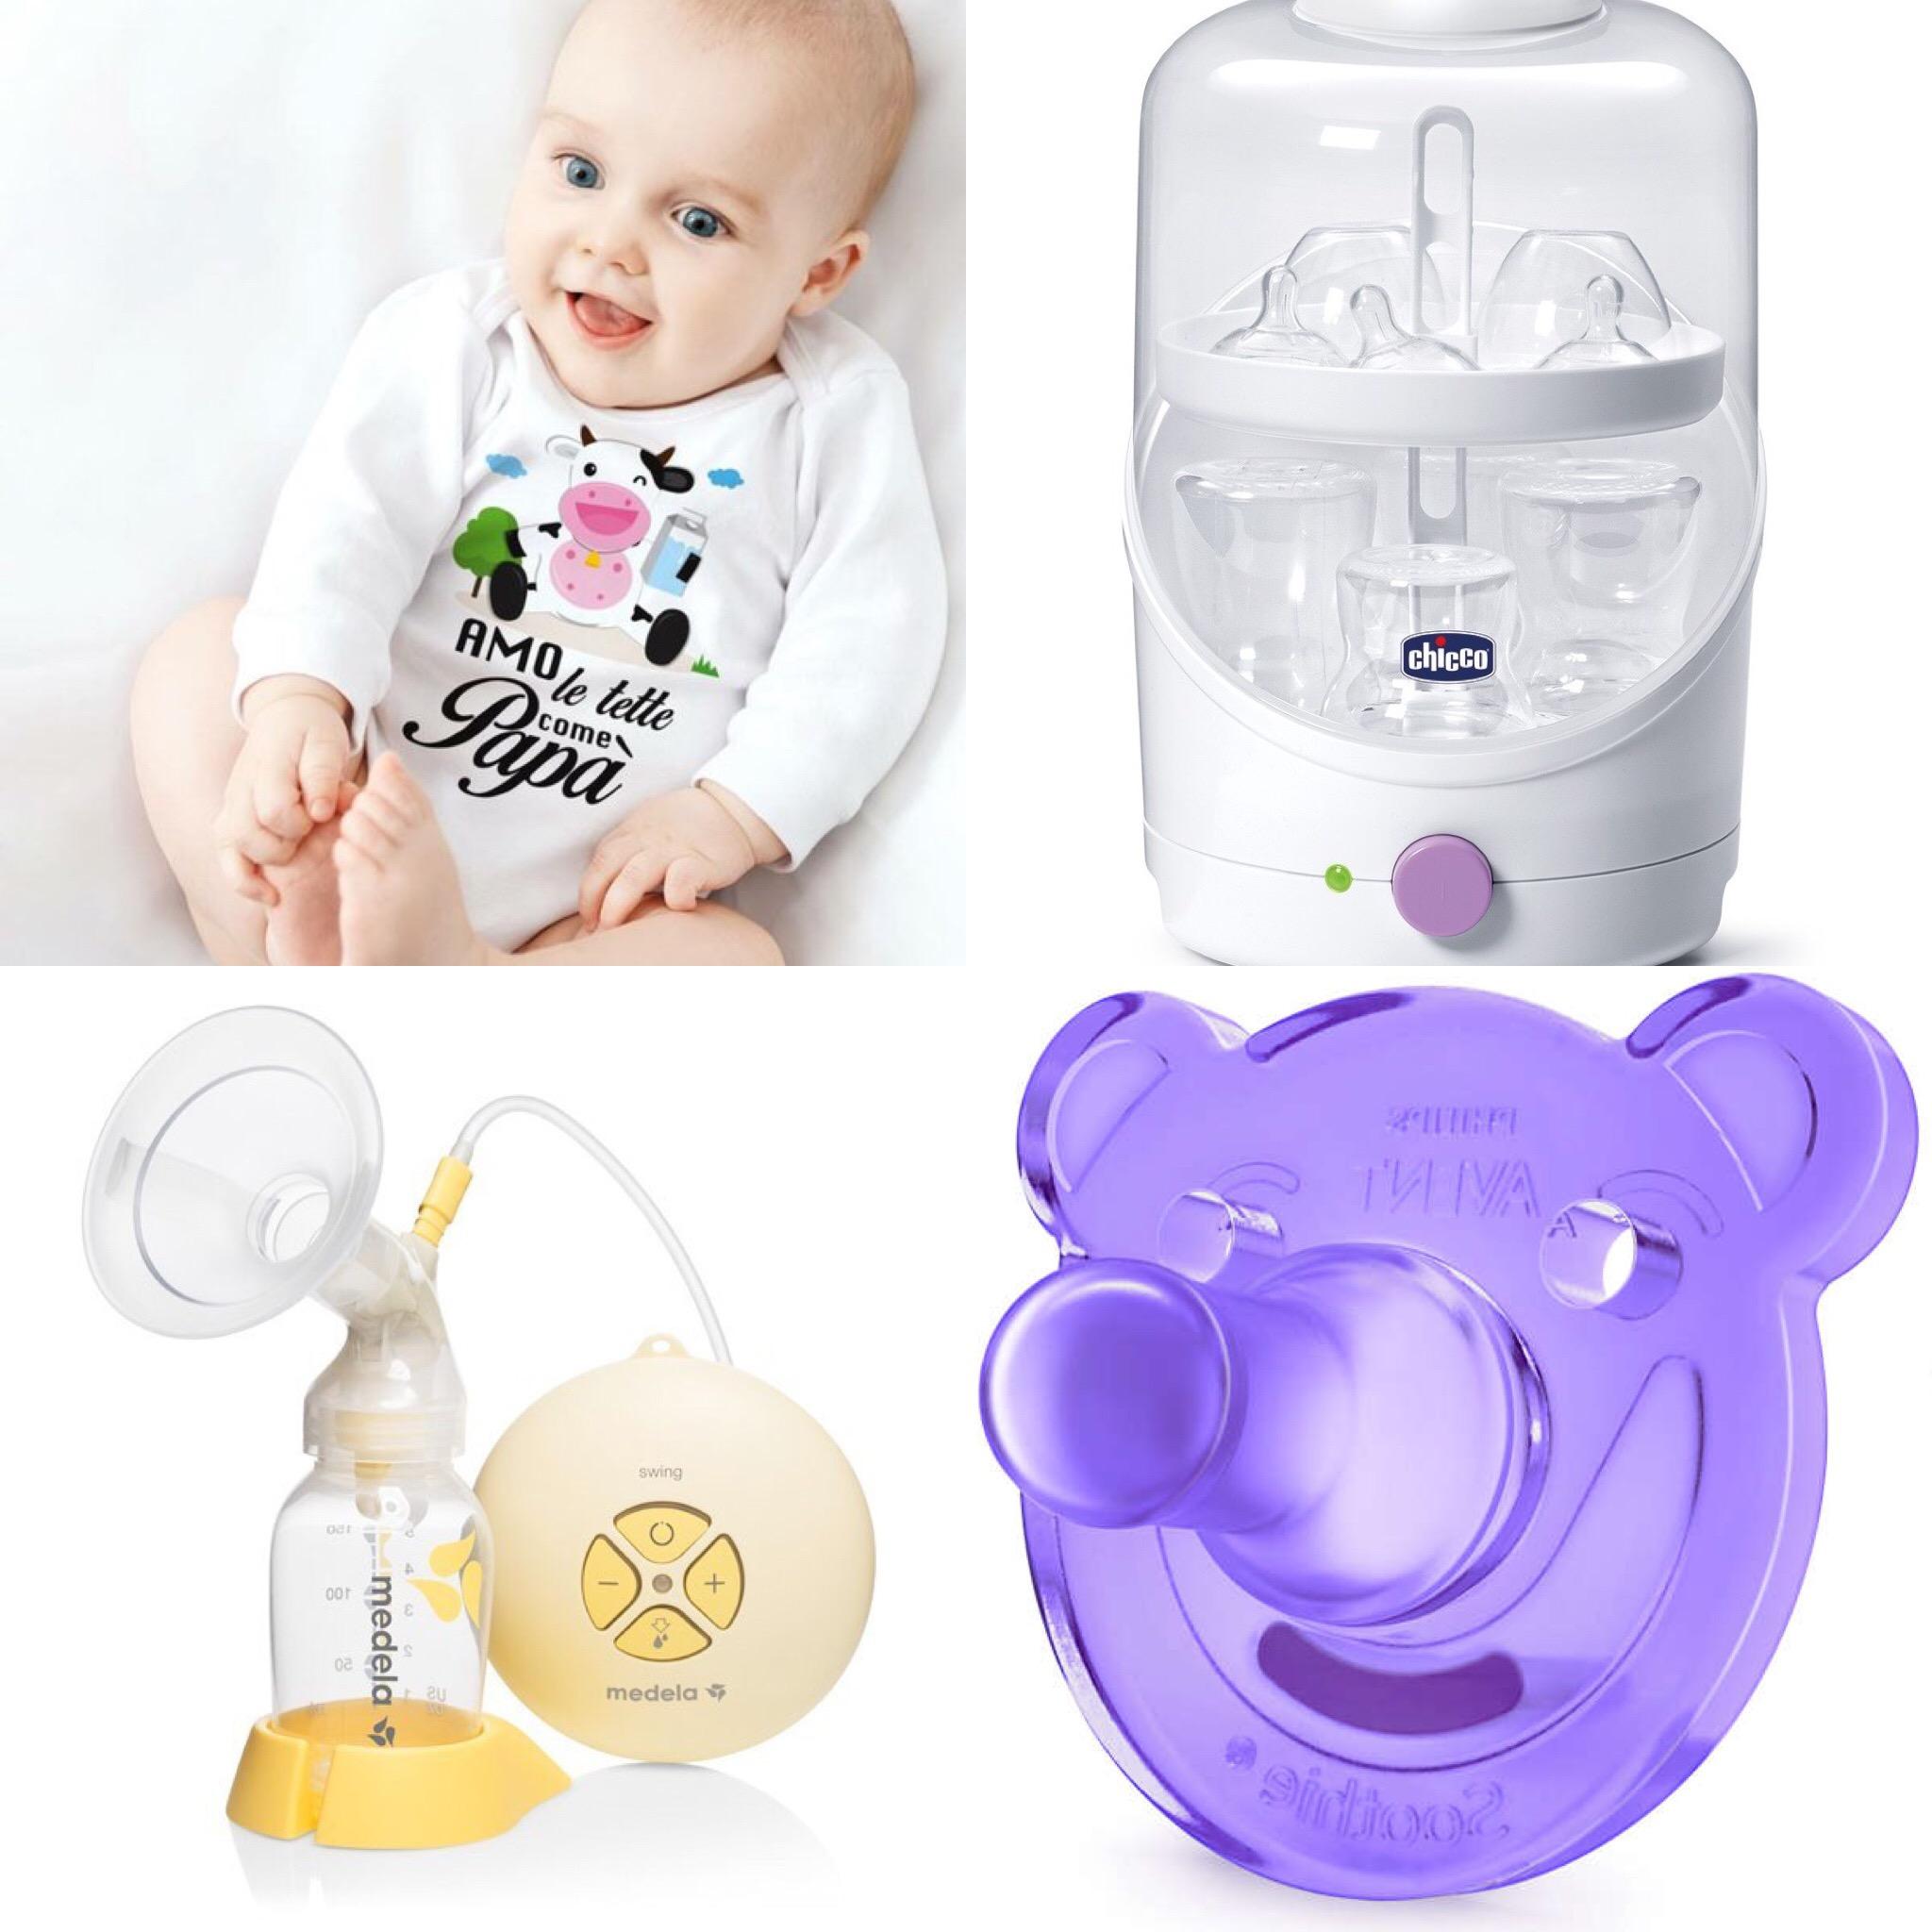 Cosa portare in ospedale per il parto + lista corredino neonato d624c64a1436